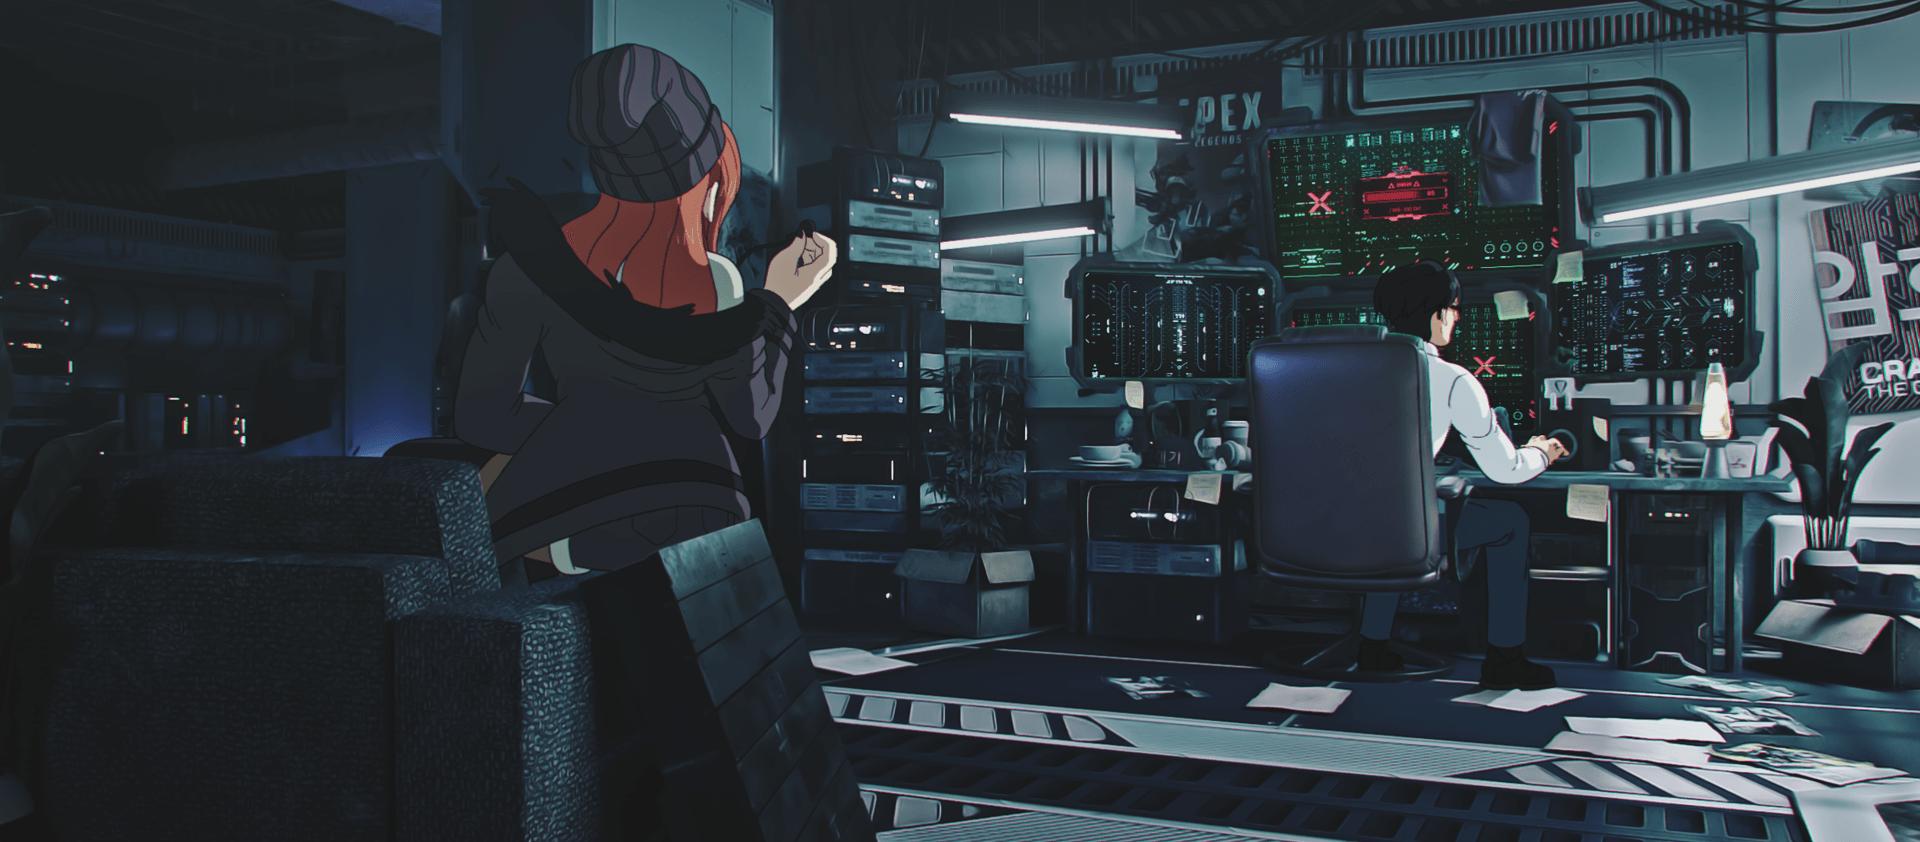 SC08_RENDER40-compressor